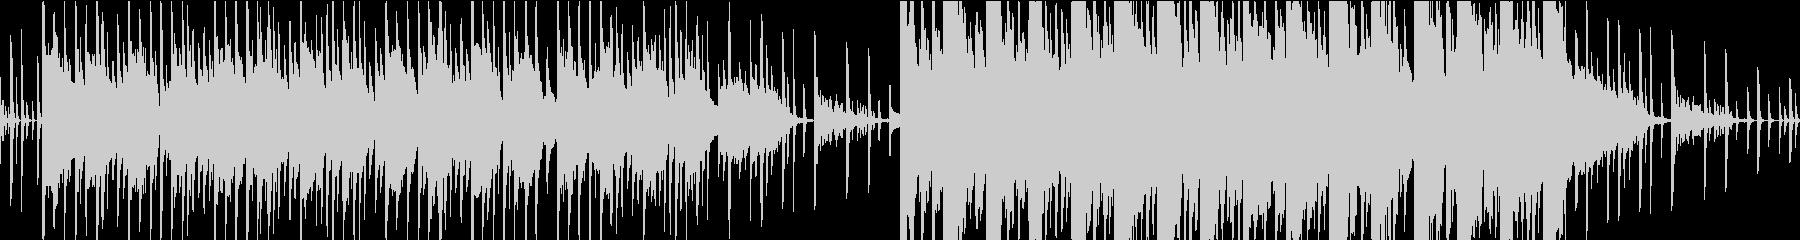 ループ可能なゆったり系エレクトロニカの未再生の波形